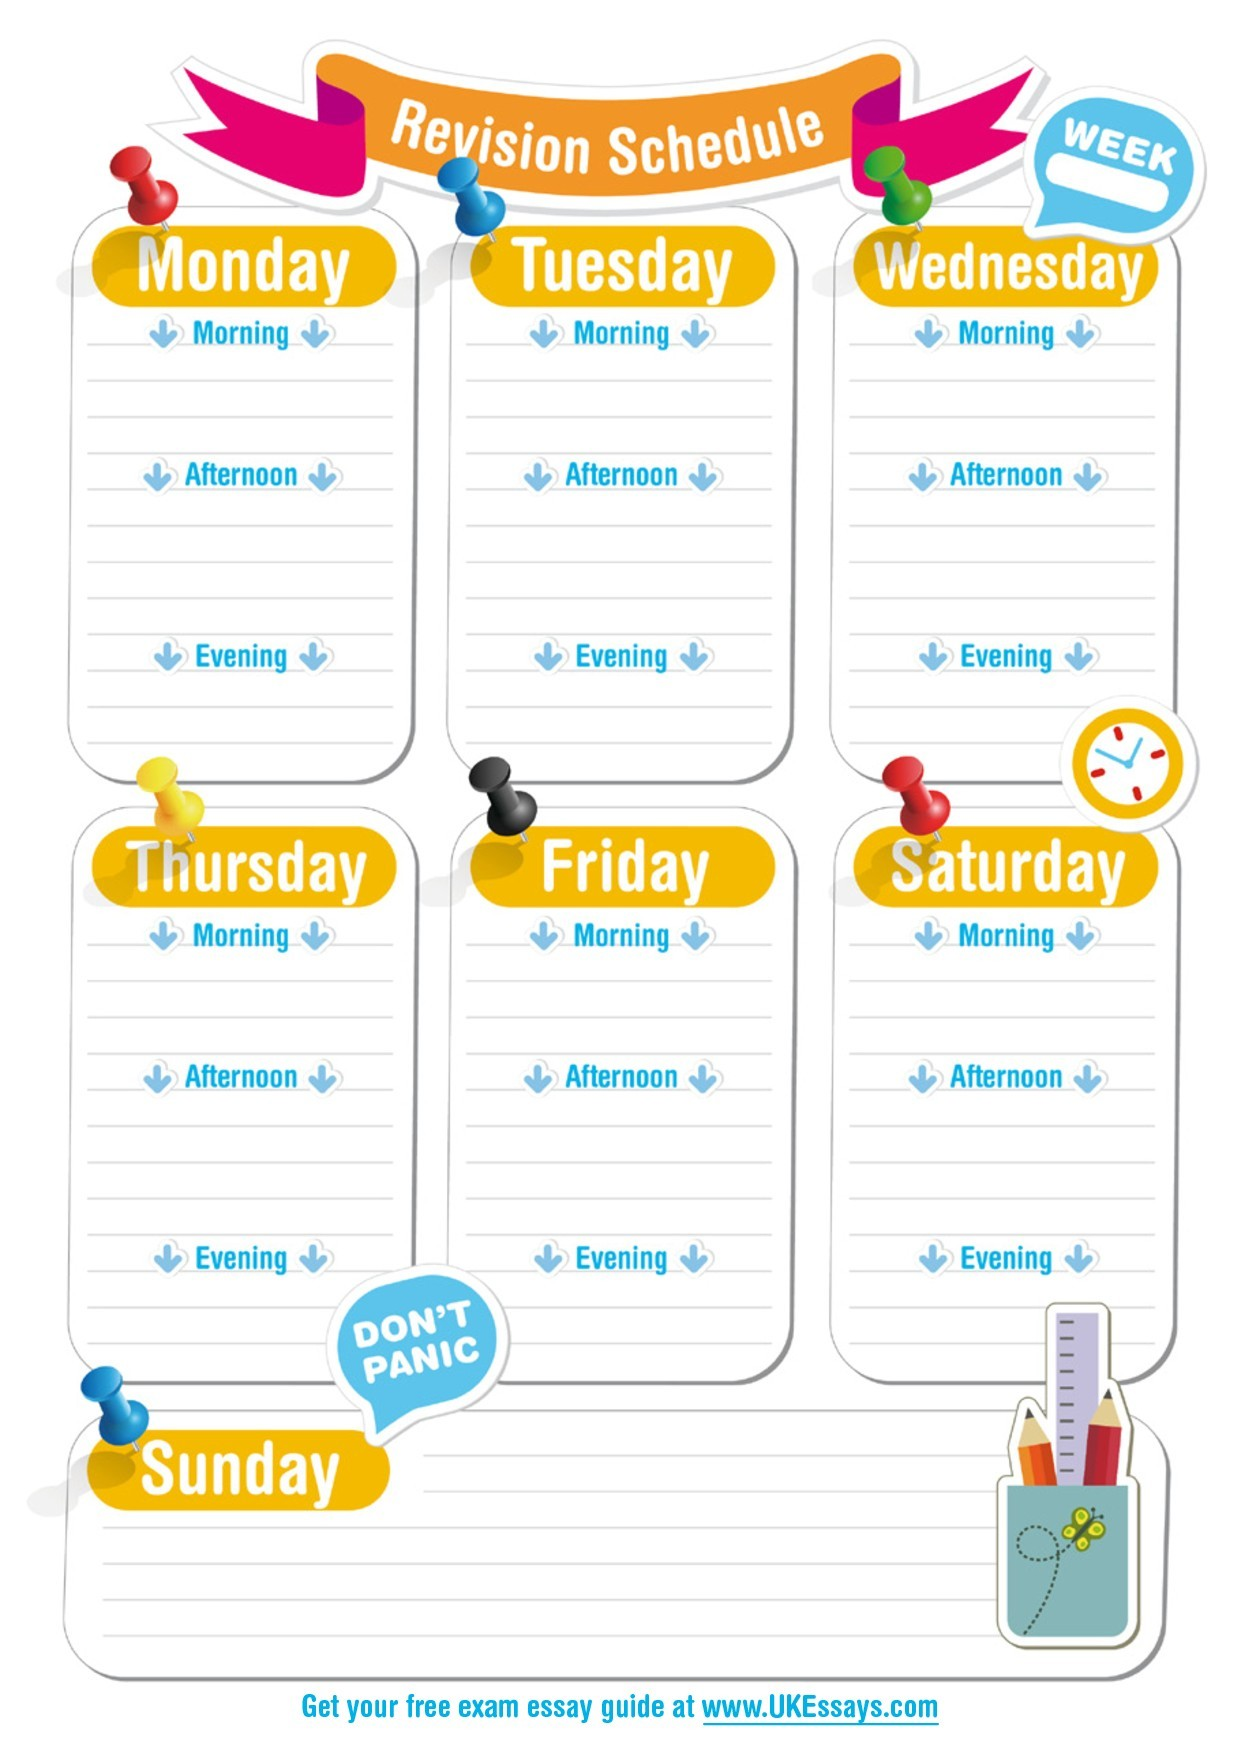 Calendario 2019 Chile Con Feriados Para Imprimir Word Más Actual Este Es Realmente Calendario 2019 Word Modificabile Of Calendario 2019 Chile Con Feriados Para Imprimir Word Más Arriba-a-fecha Este Es Realmente Imprimir Calendario Septiembre Octubre 2019